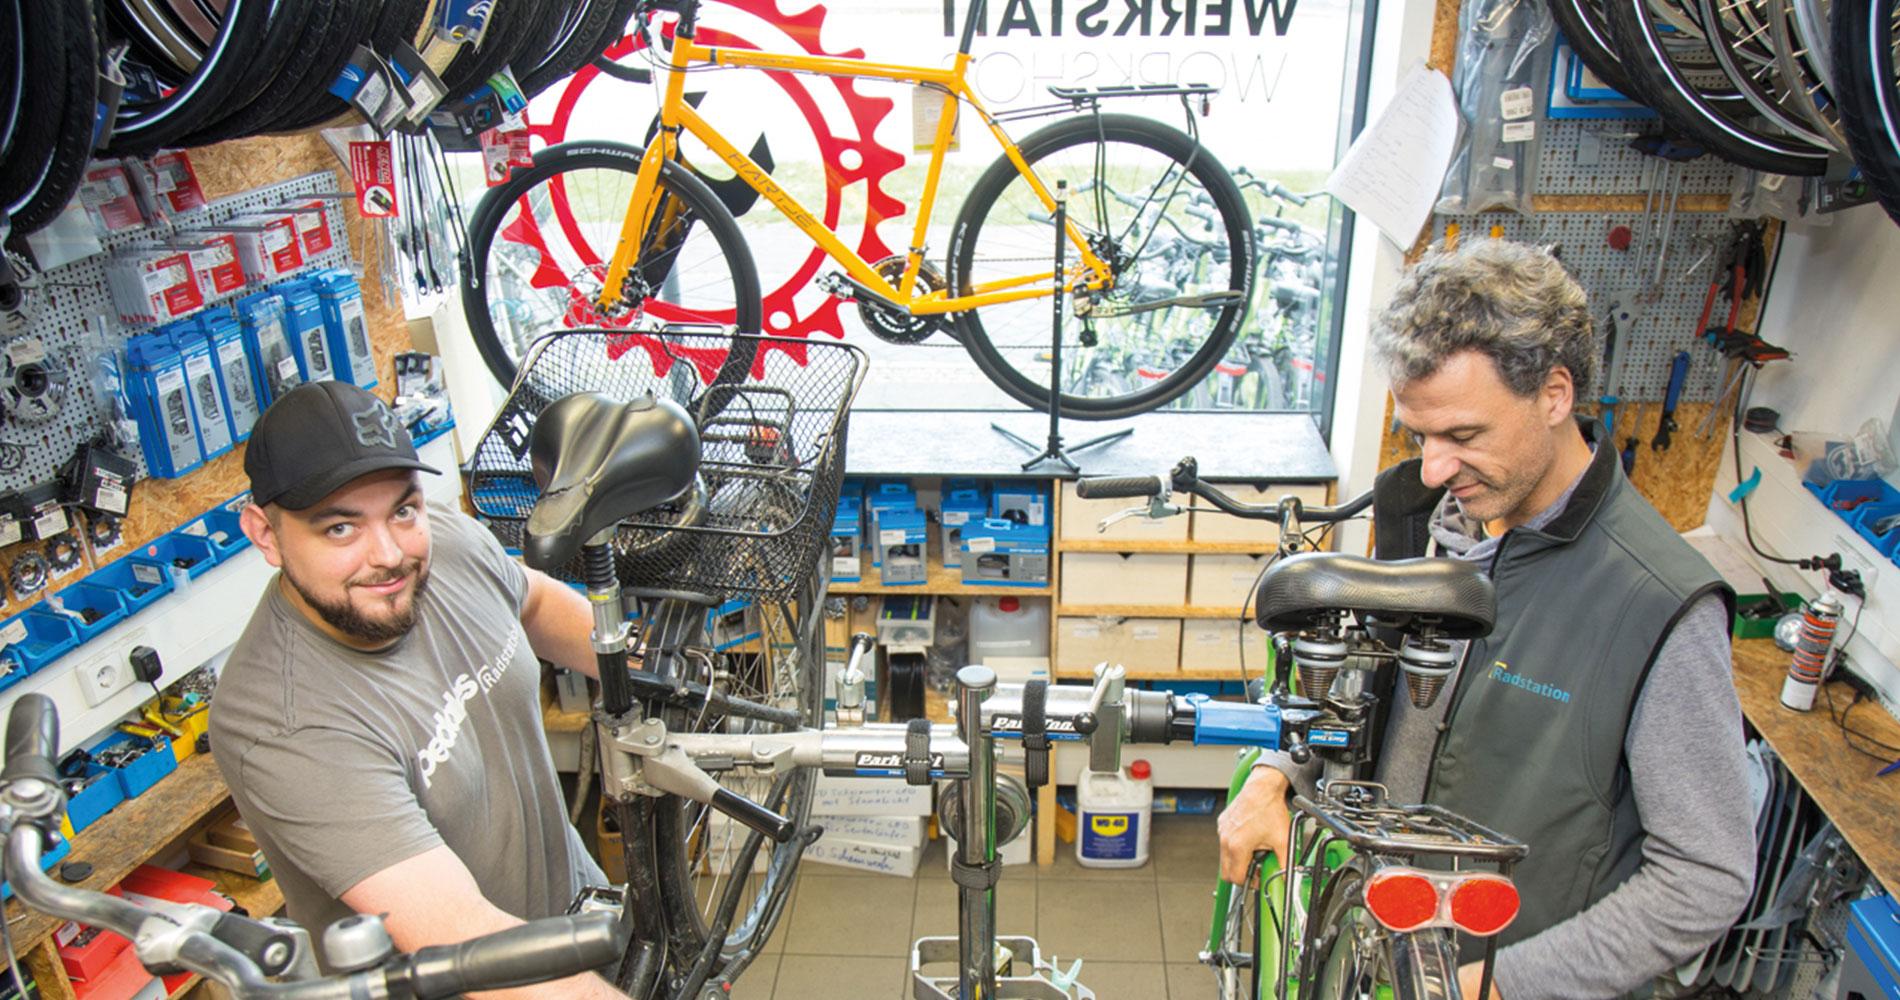 Fahrrad, Werkstatt, Laden, Reparatur Potsdam Hauptbahnhof